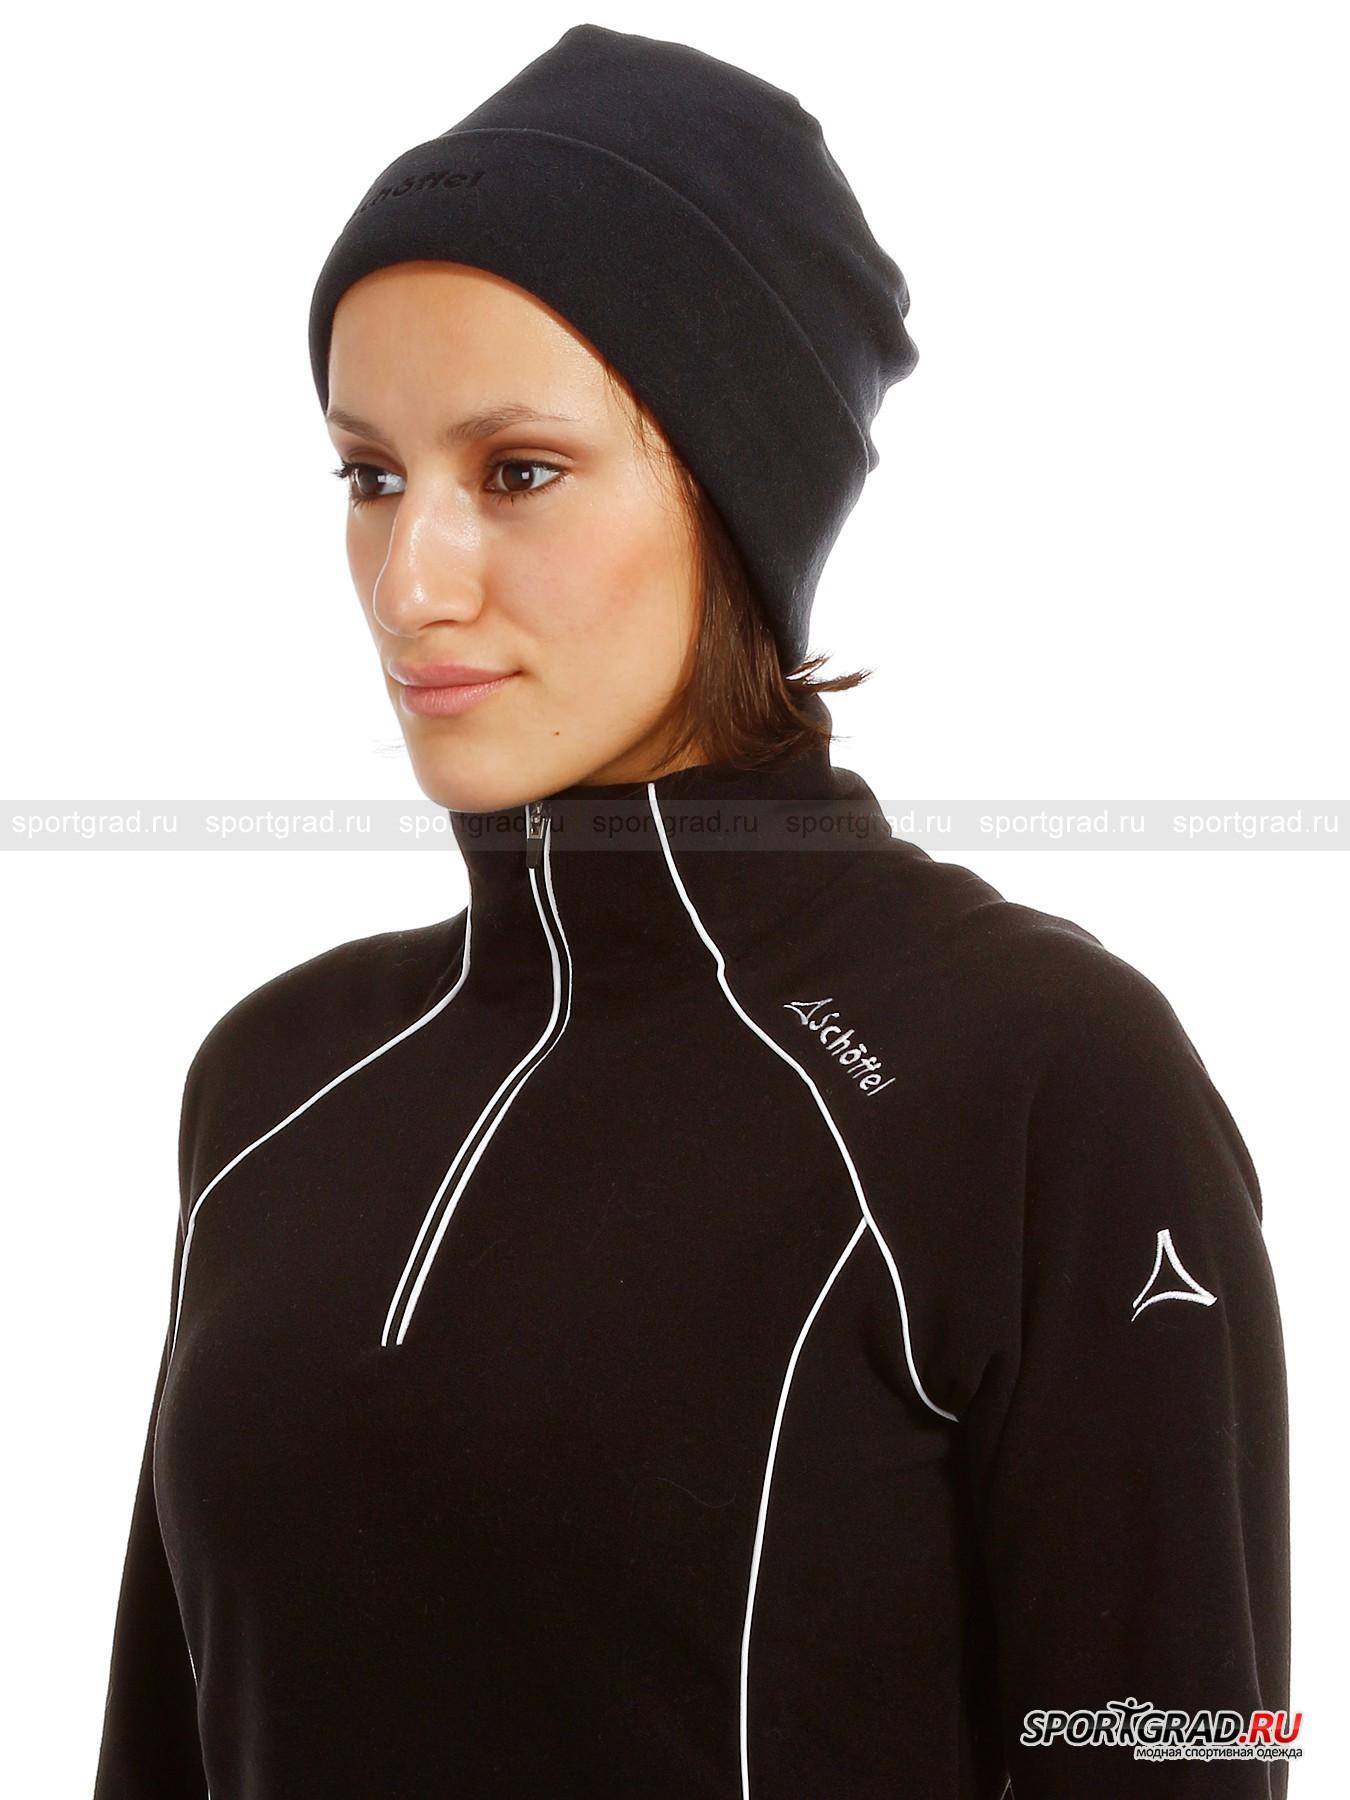 Женская шапка SCHOFFEL CozyГоловные Уборы<br>Шапка женская Cozy Hat L SCHOFFEL – удобная повседневная модель с подворотом в стиле OUTDOOR, сшитая из мягкого флиса, подарит вам тепло и комфорт, подойдет для активного отдыха в период осенних холодов. Флис прекрасно греет, противостоит продуванию и выводит излишки влаги на поверхность. К тому же флис очень мягкий, лёгкий и быстро сохнет. Прекрасный выбор по очень привлекательной цене!<br><br>•Фиксированный подворот<br>•Износостойкий материал изготовления<br>•Фирменный логотип компании<br><br>Пол: Женский<br>Возраст: Взрослый<br>Тип: Головные Уборы<br>Рекомендации по уходу: Деликатная стирка при 30С, не отбеливтаь, не сушить в барабане стиральной машины, не гладить.<br>Состав: 100% Полиэстер